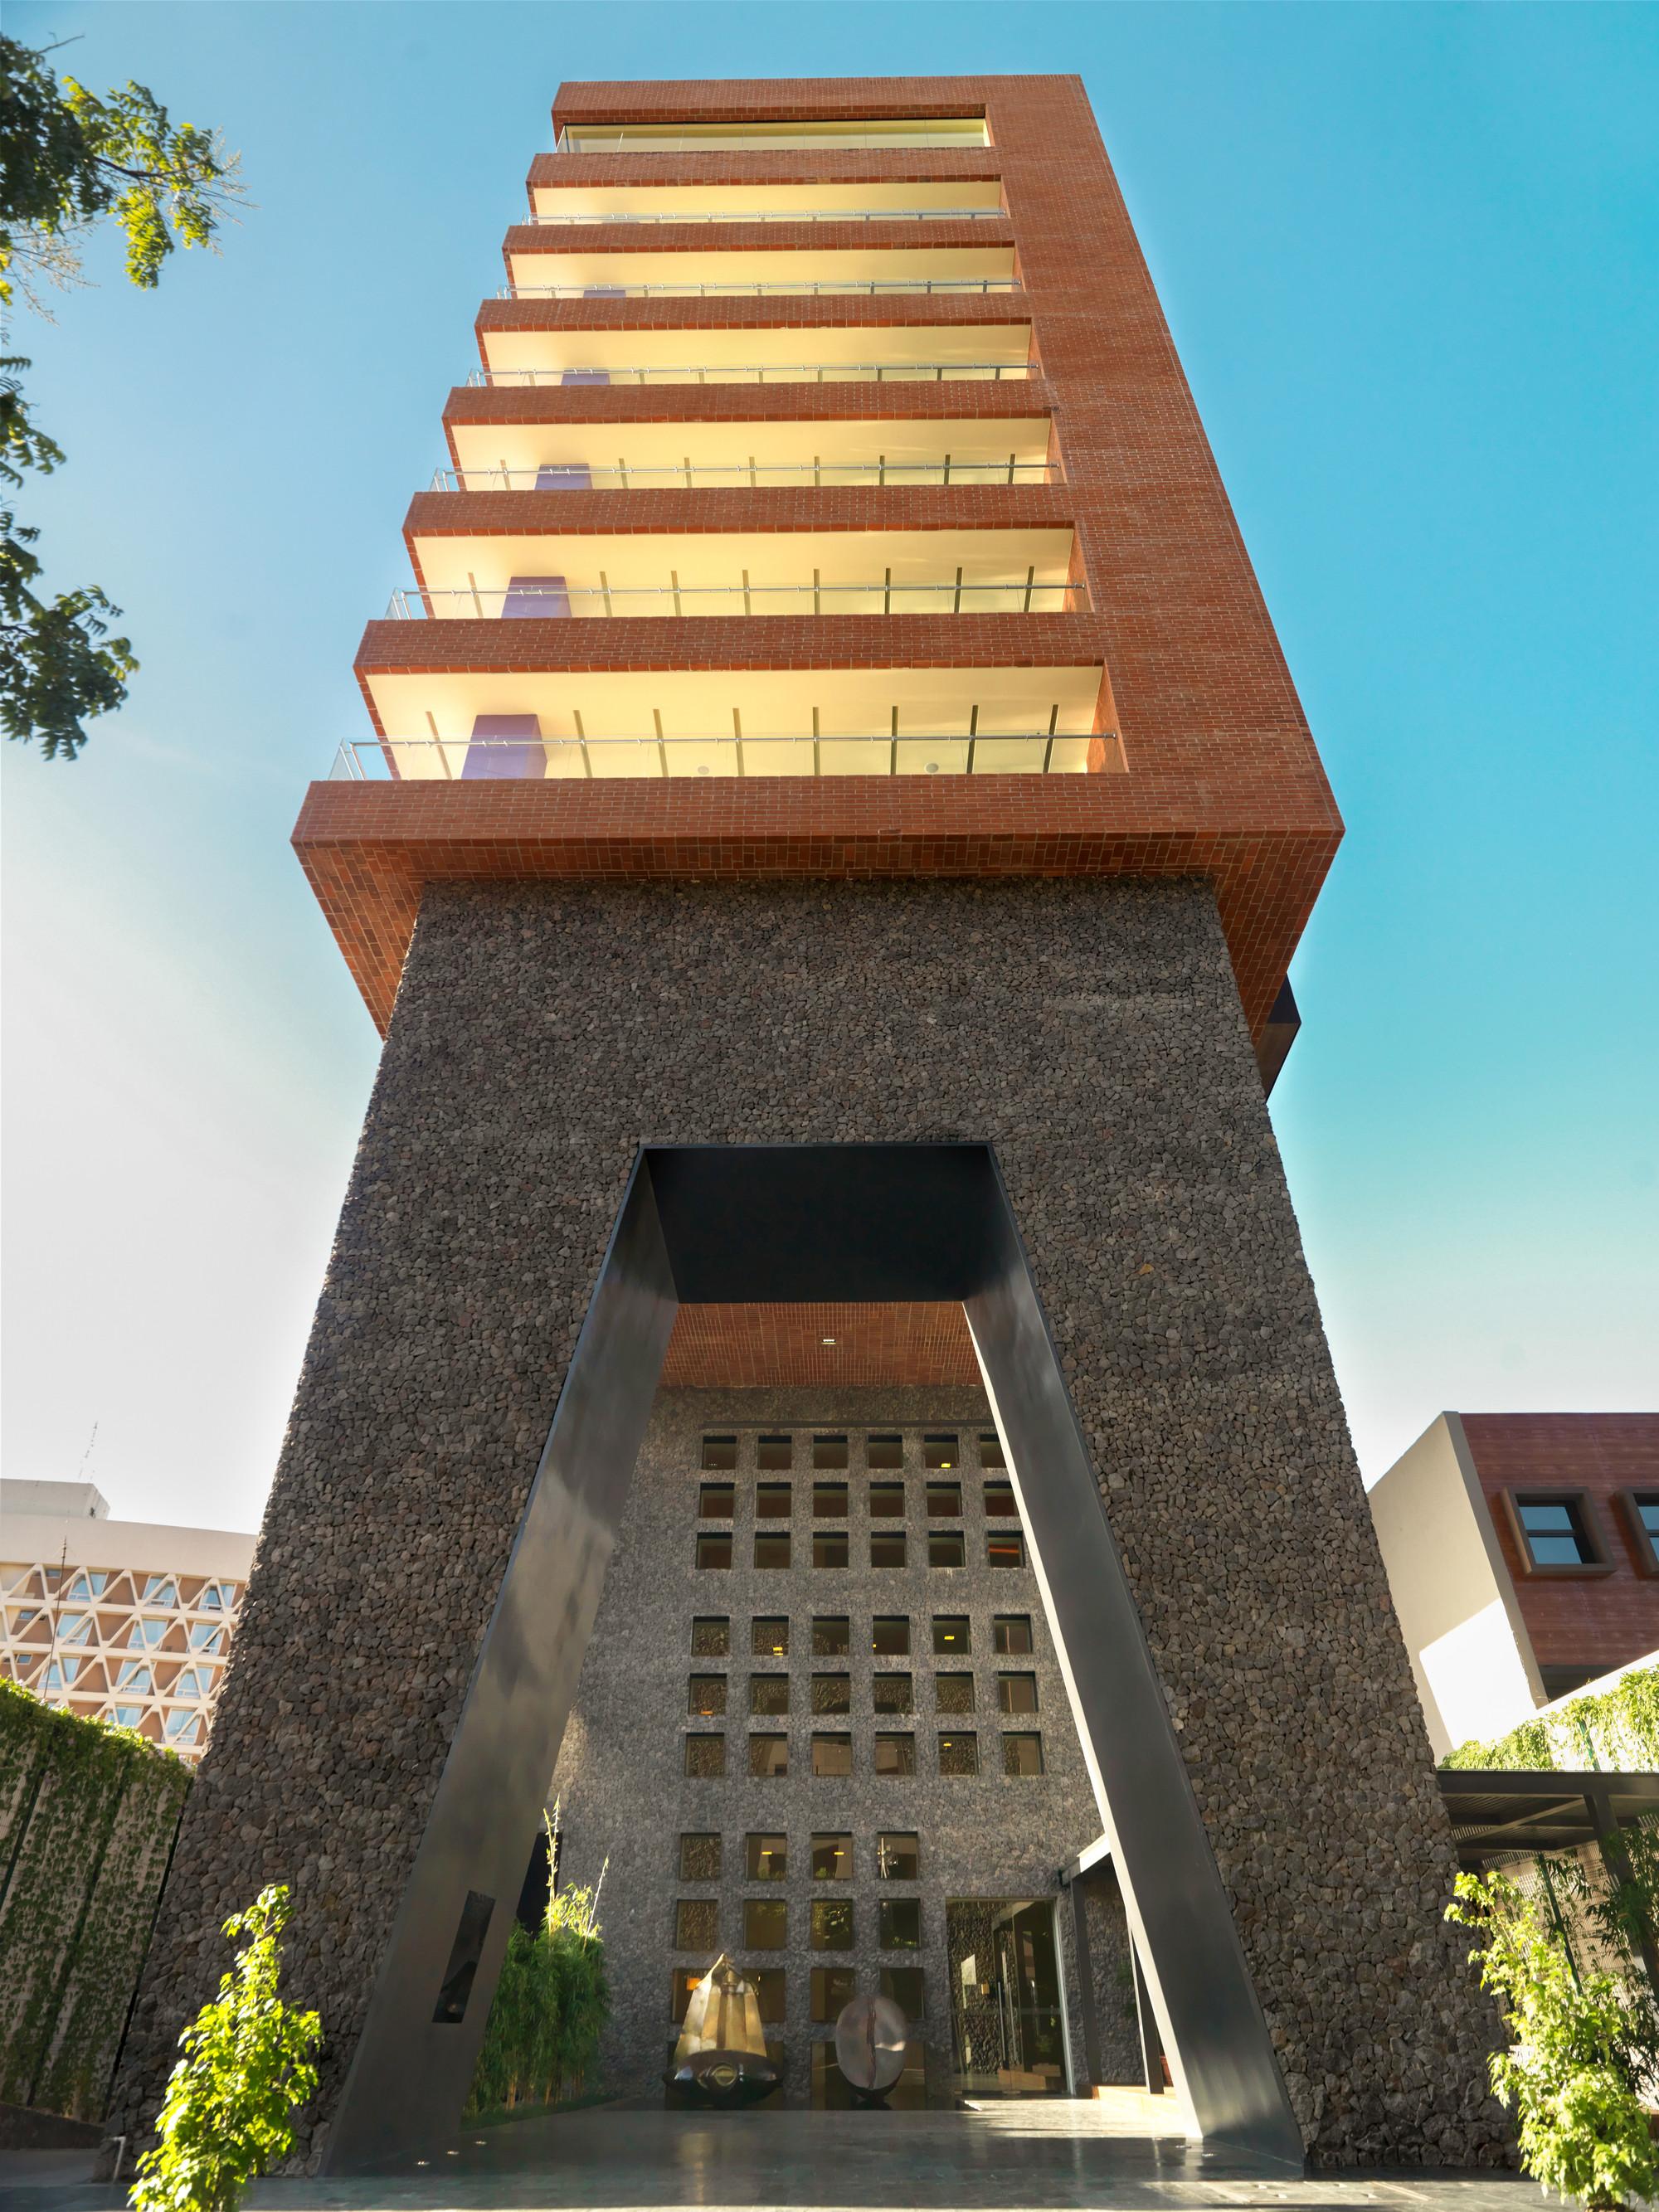 Galeria de terraesperanza legorreta legorreta 5 for Casa minimalista guatemala